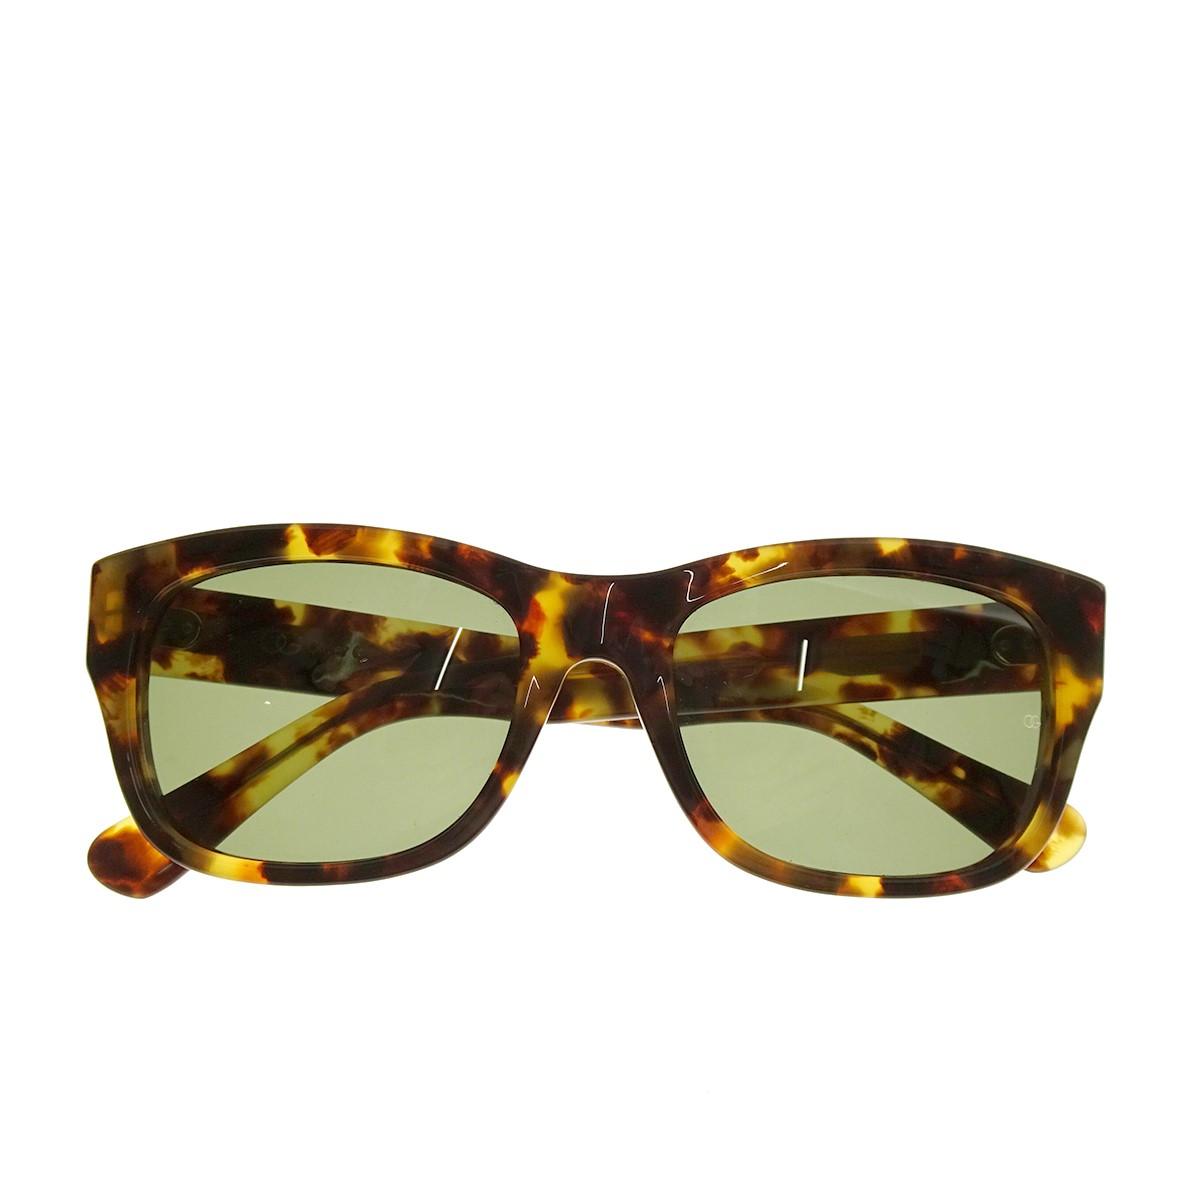 【中古】OLIVER GOLDSMITH サングラス CONSUL-g ブラウン サイズ:54□20-145 【250220】(オリバーゴールドスミス)